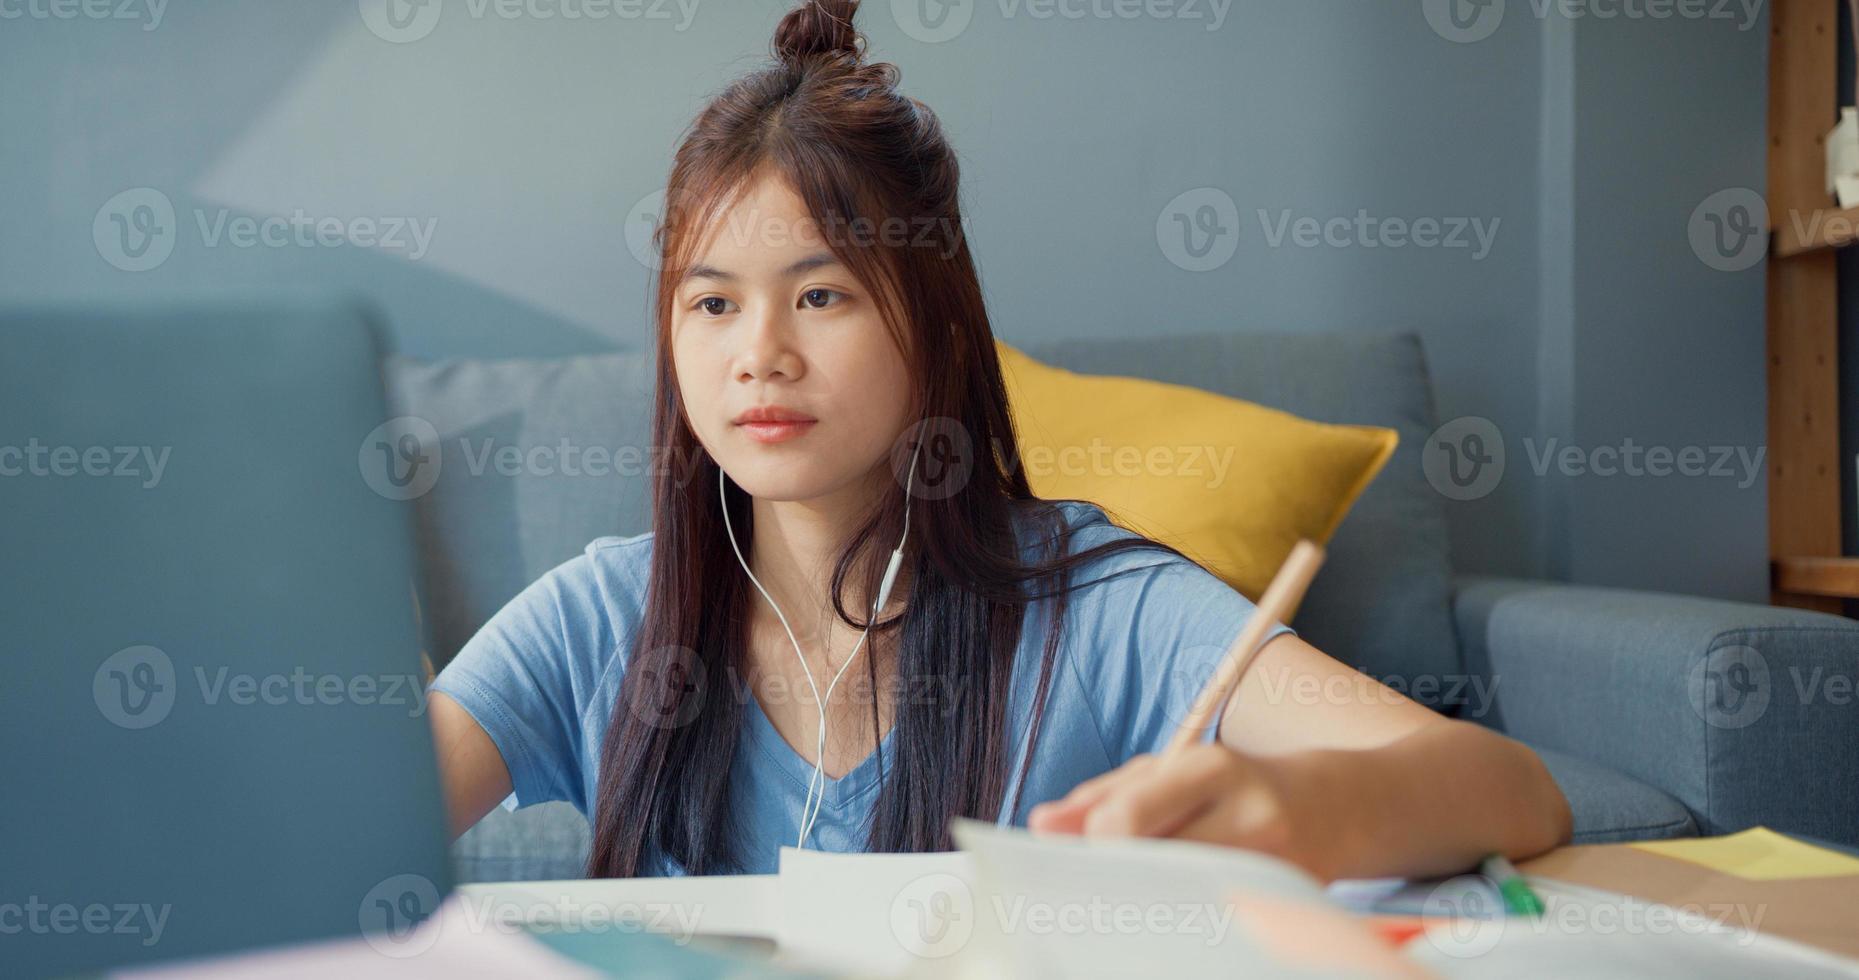 ung asiatisk tjej tonåring med slitage hörlurar använda bärbar dator lära sig online skriva föreläsning anteckningsbok i vardagsrummet hemma. isolera utbildning online e-learning coronavirus-pandemikoncept. foto